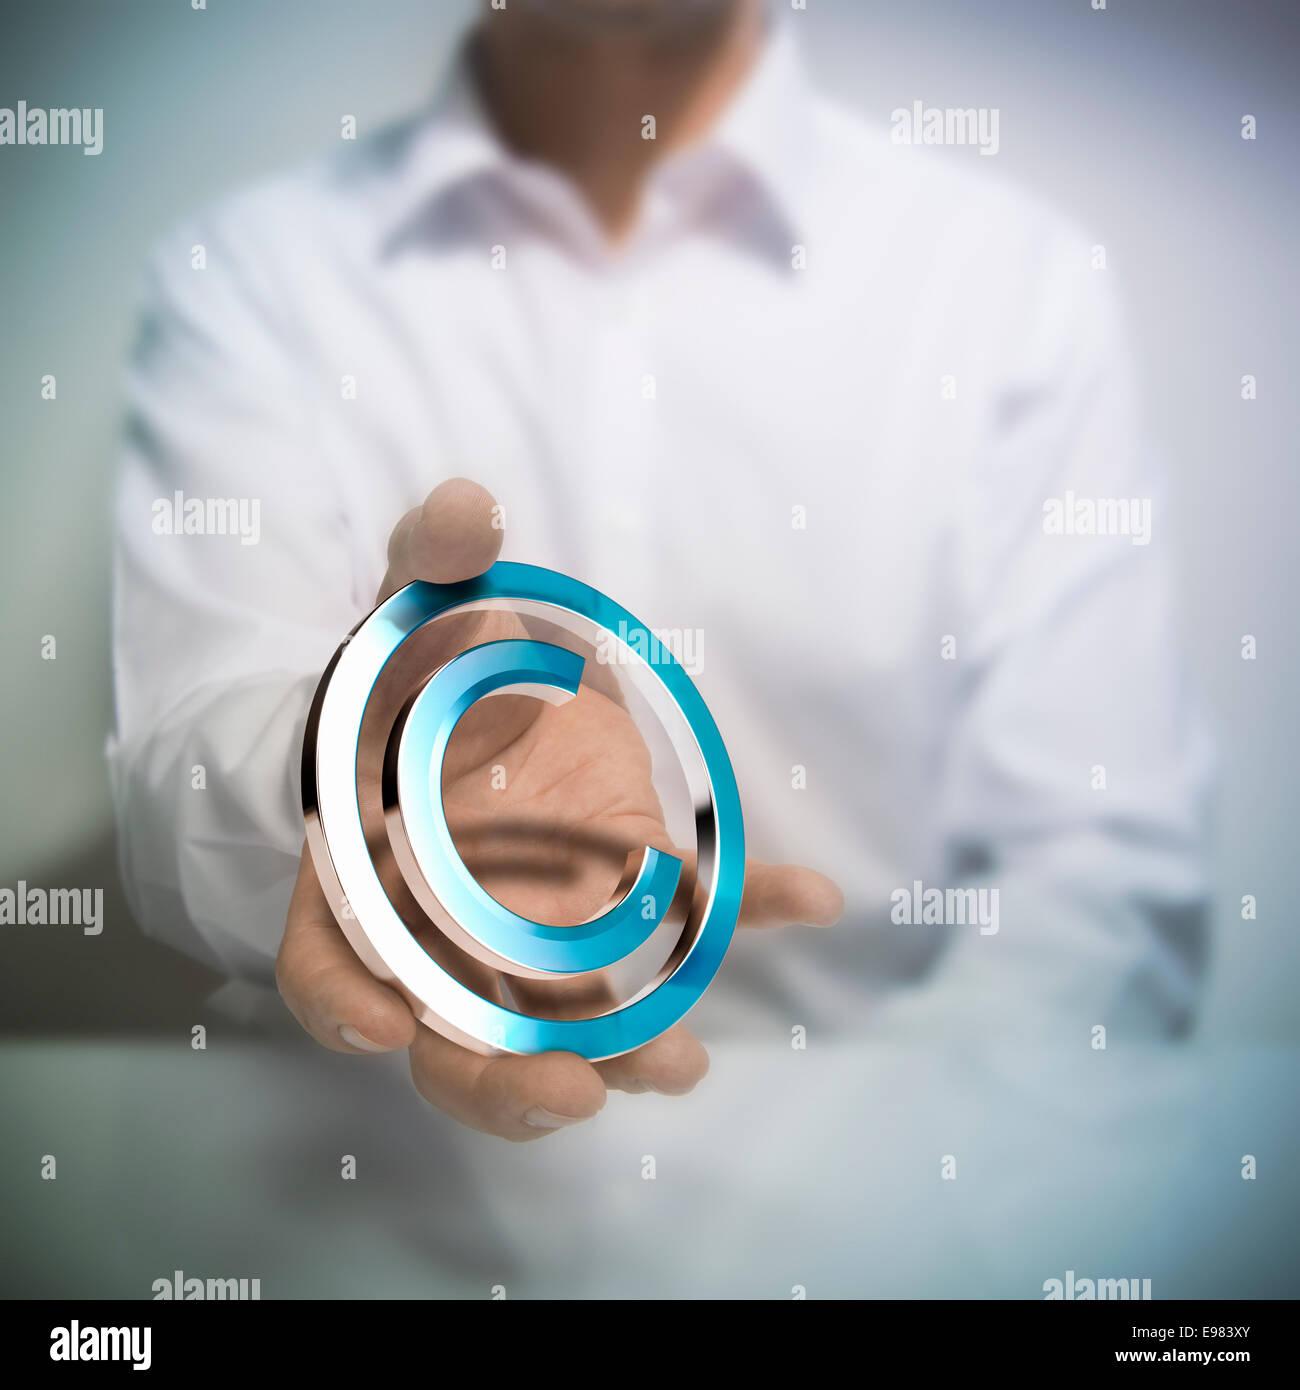 Hombre sujetando el símbolo de copyright. metálico concepto imagen para ilustración del autor o de protección de la propiedad intelectual Foto de stock